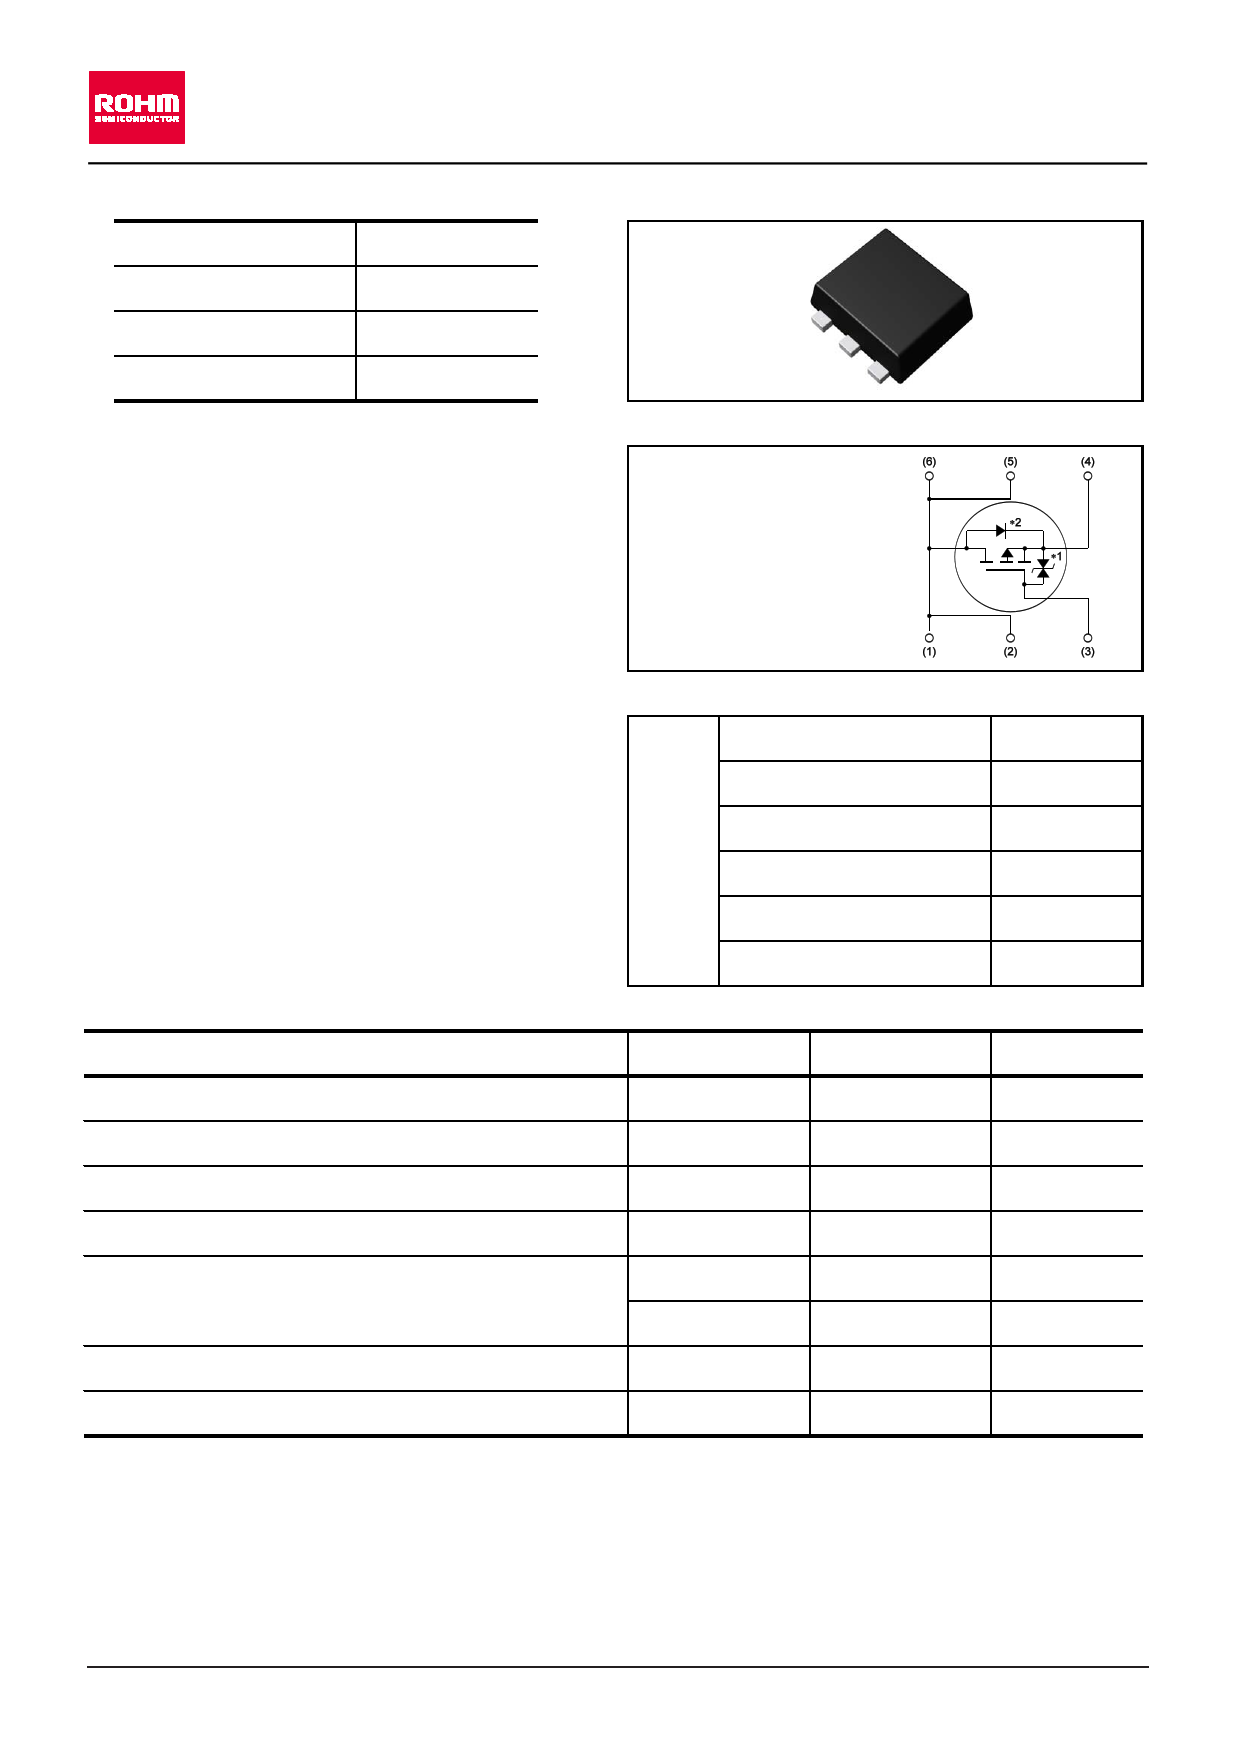 RW1A013ZP Datenblatt PDF